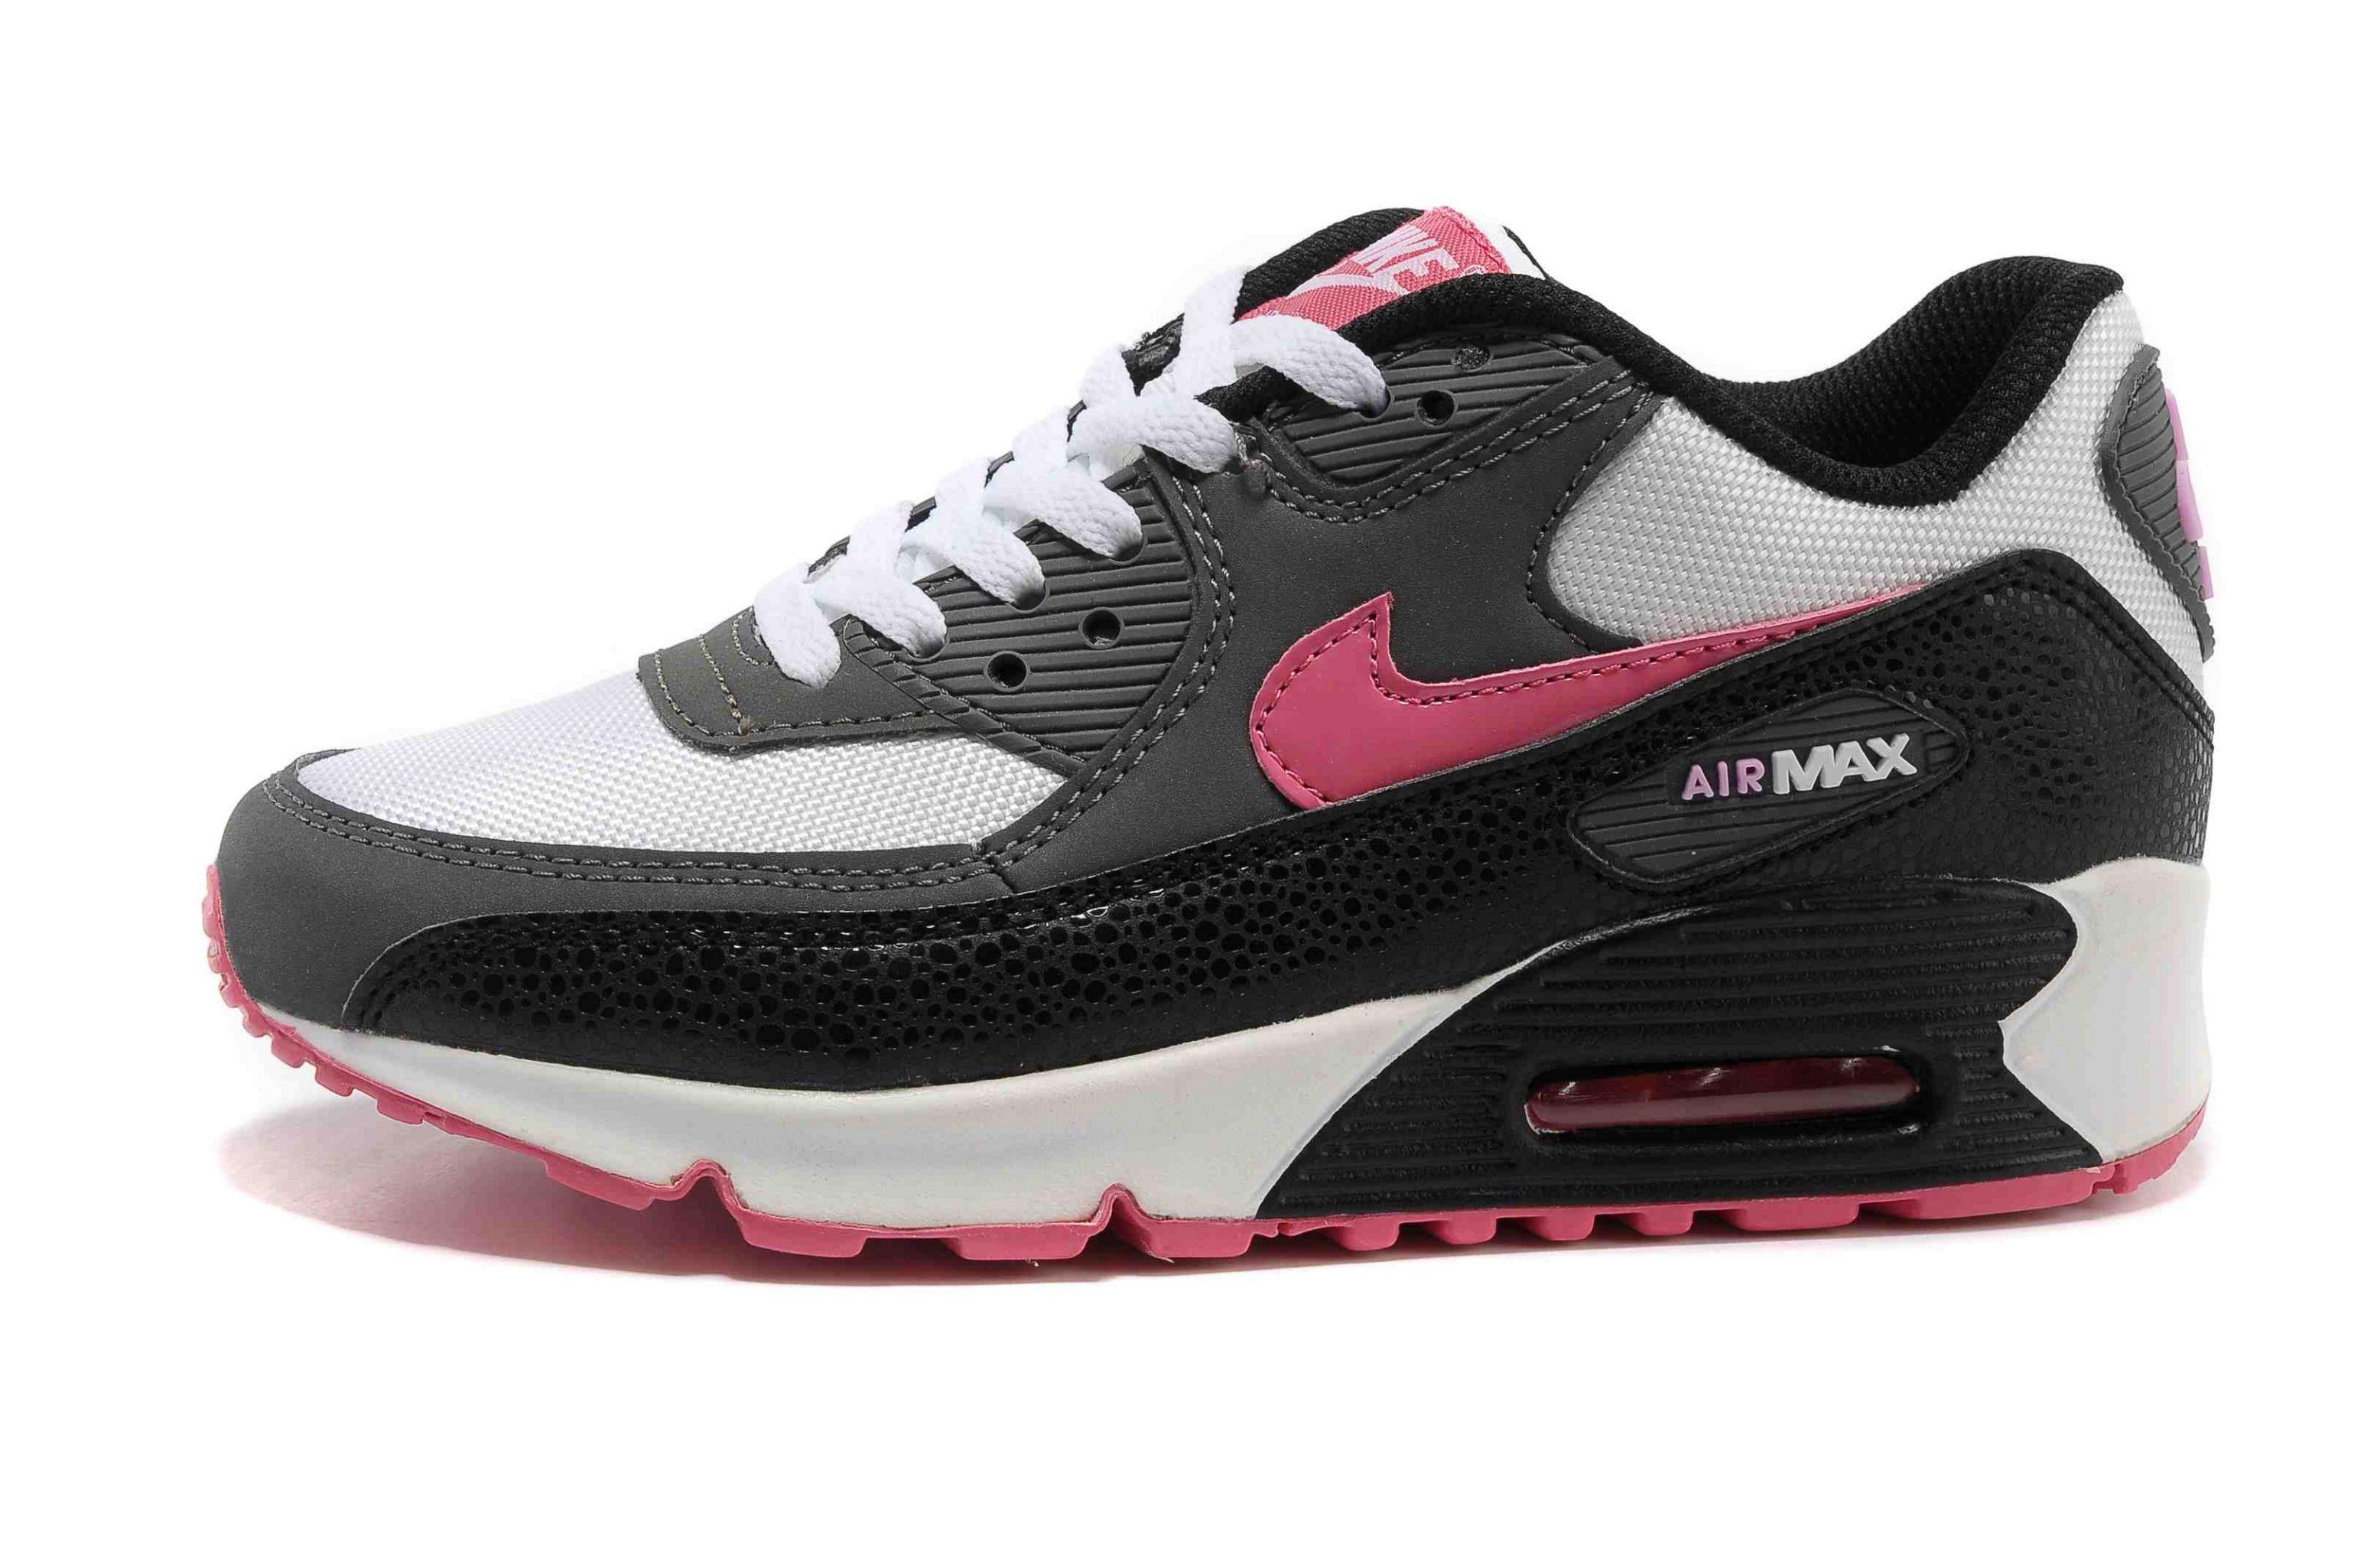 nike air max 90 femmes tricot noir rose